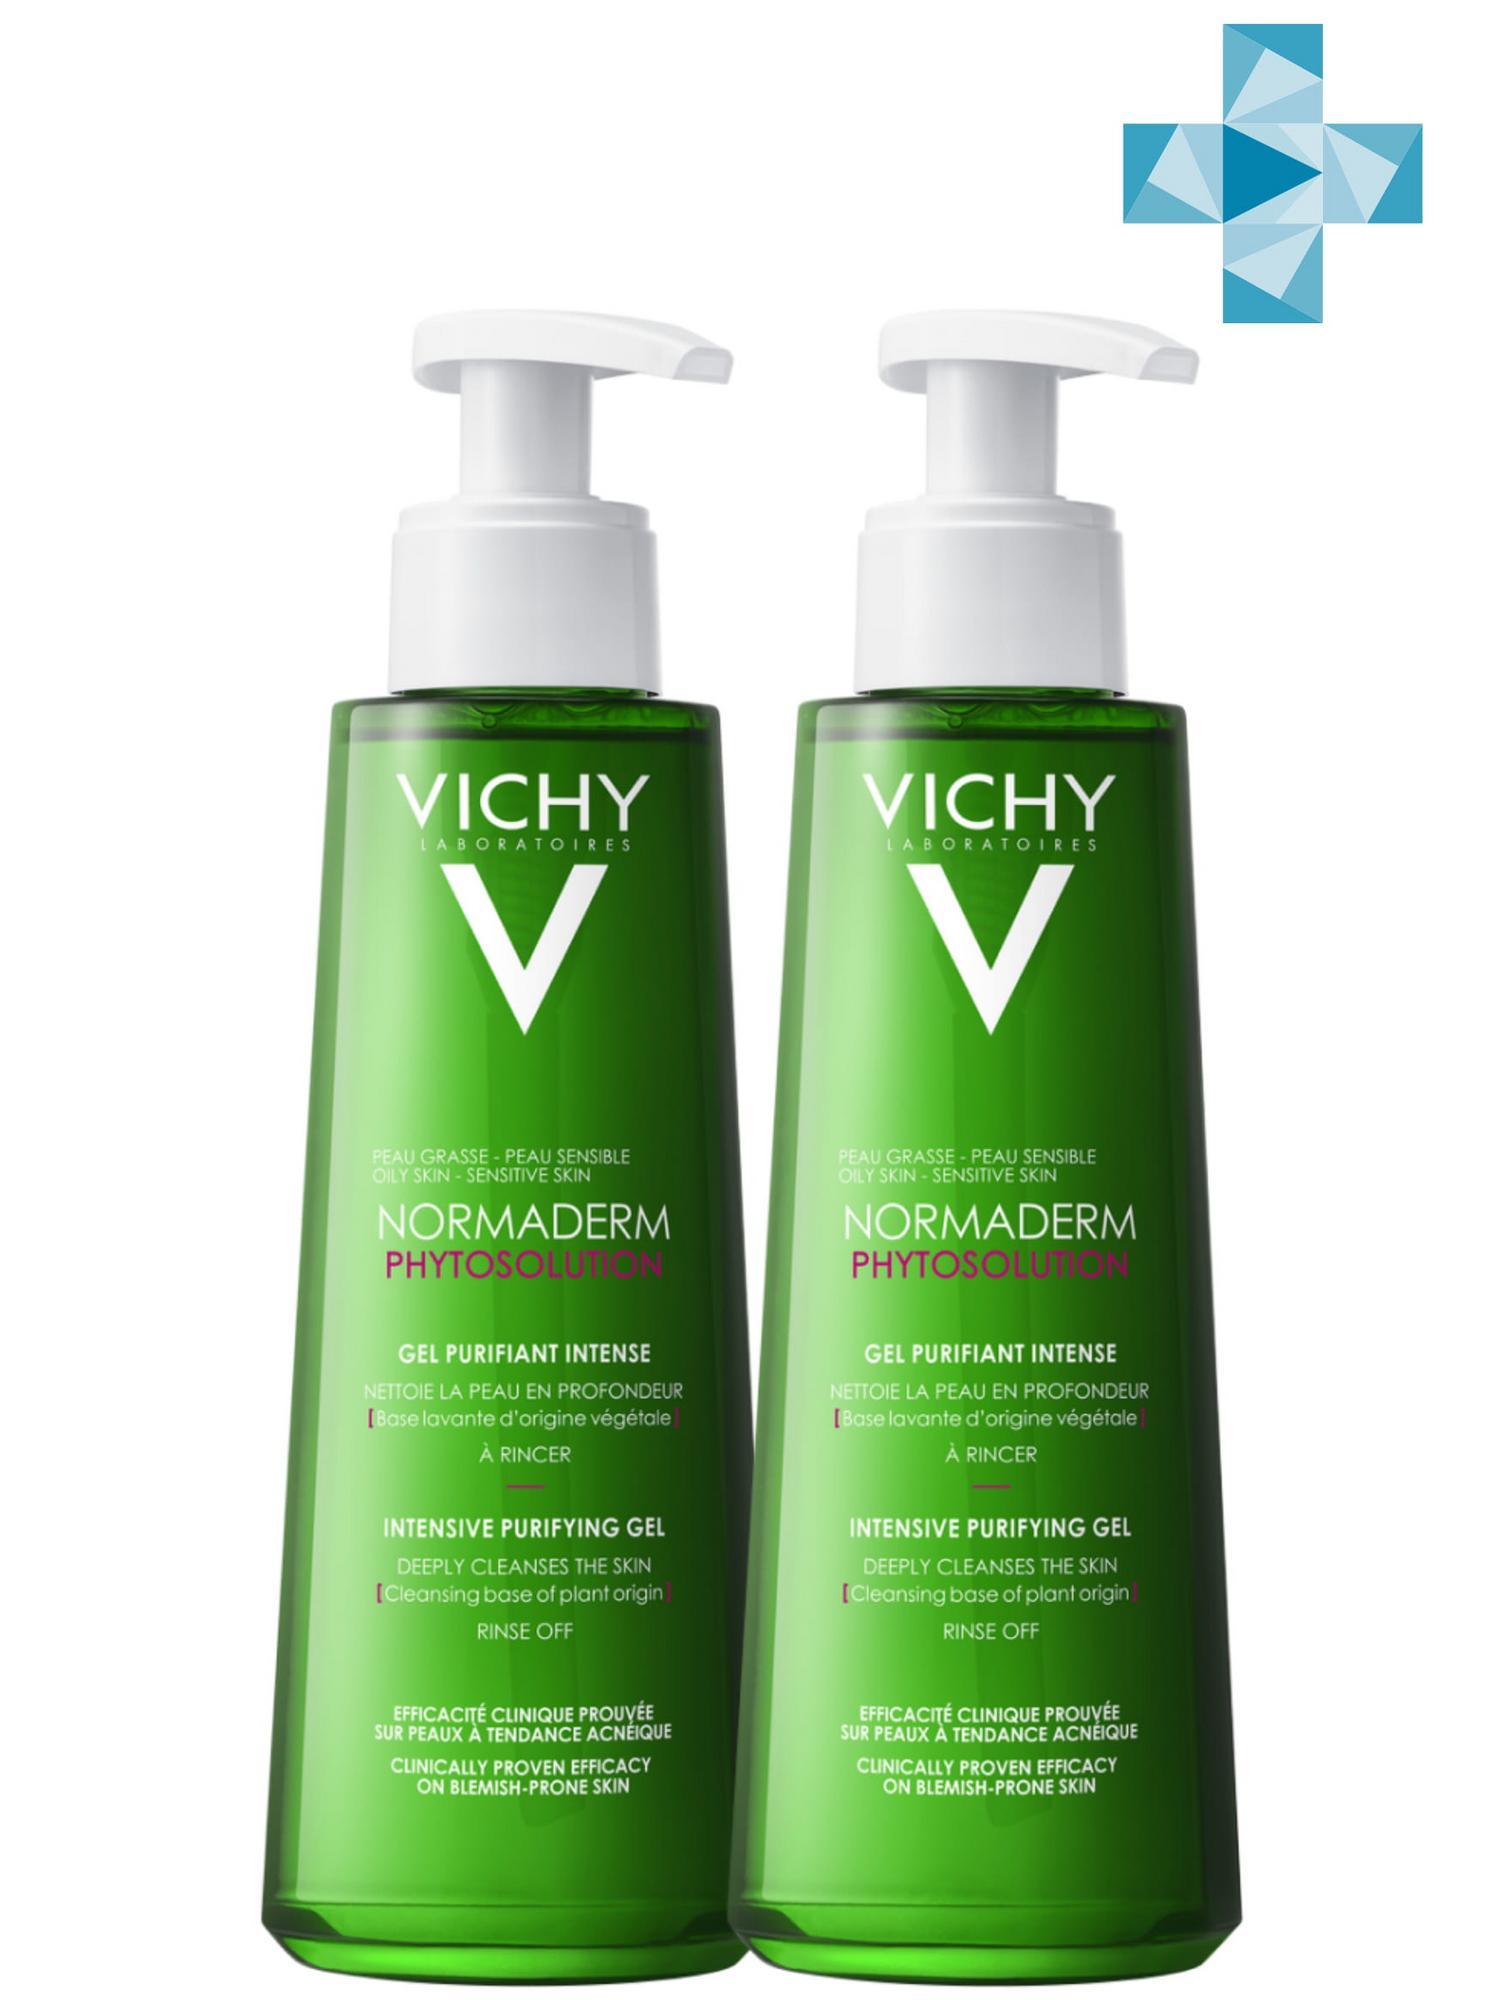 Купить Vichy Комплект Нормадерм Фитосолюшн Очищающий гель для умывания, 2 шт. по 200 мл (Vichy, Normaderm), Франция